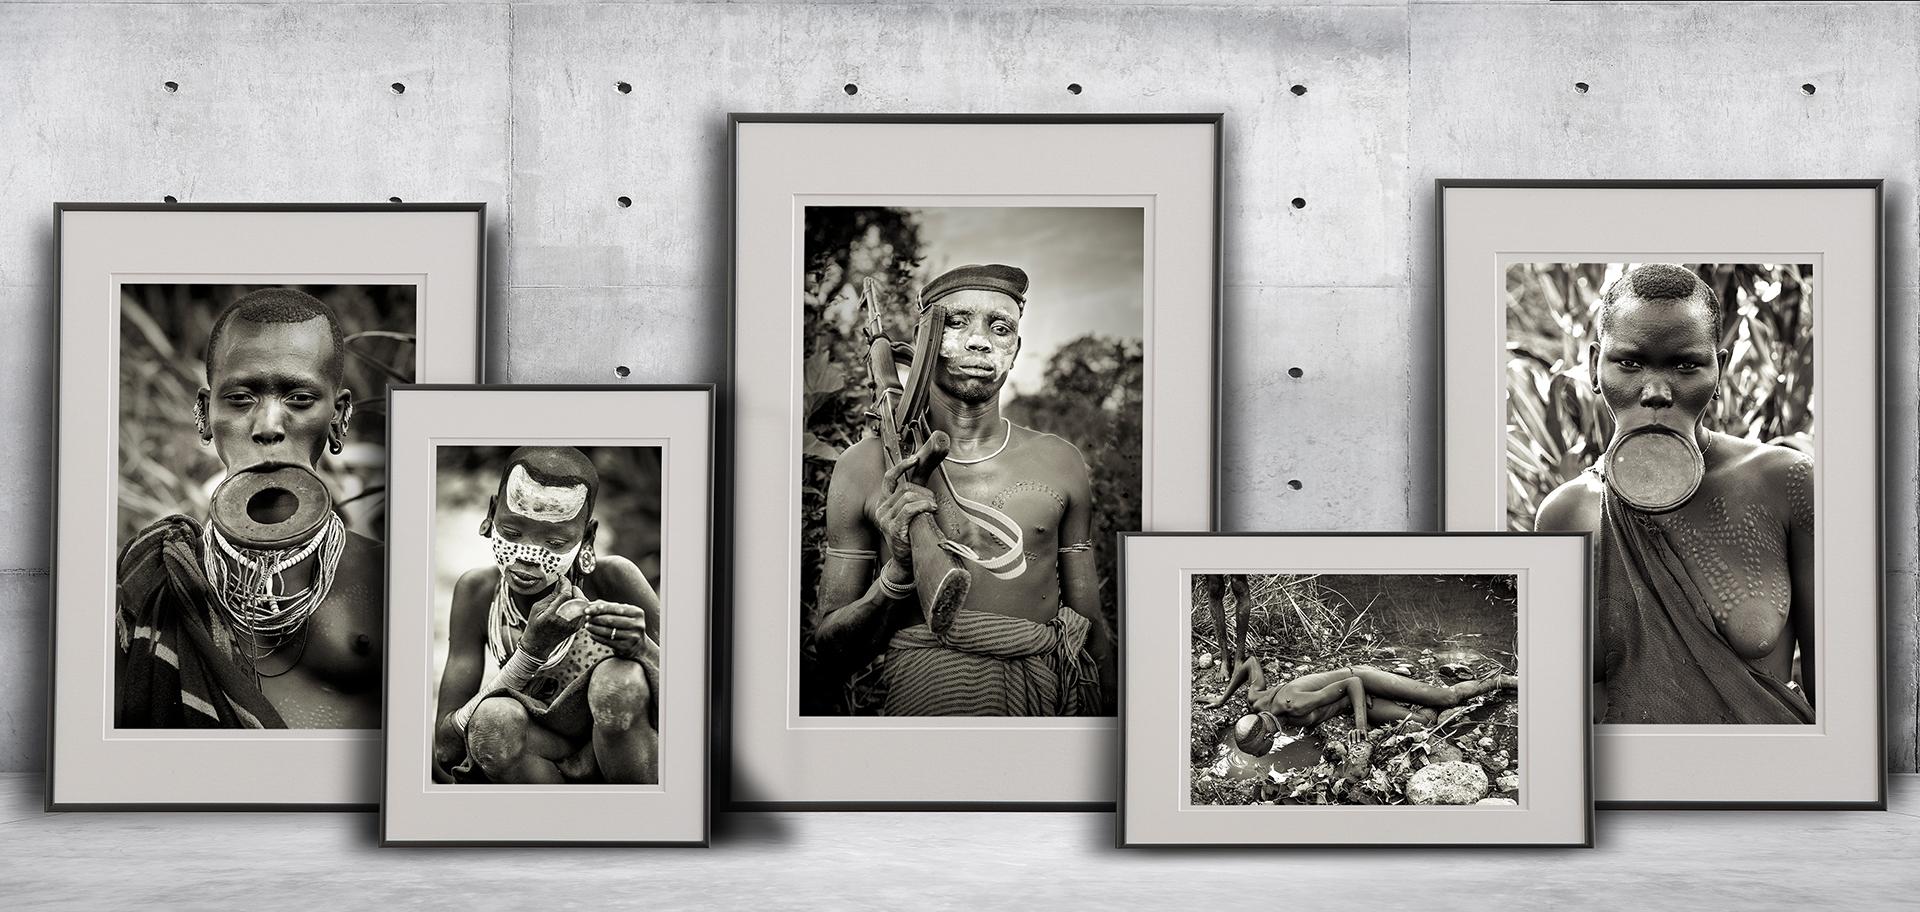 Photographie d'art - photo d'art en ligne artistique en noir et blanc - Sample 3